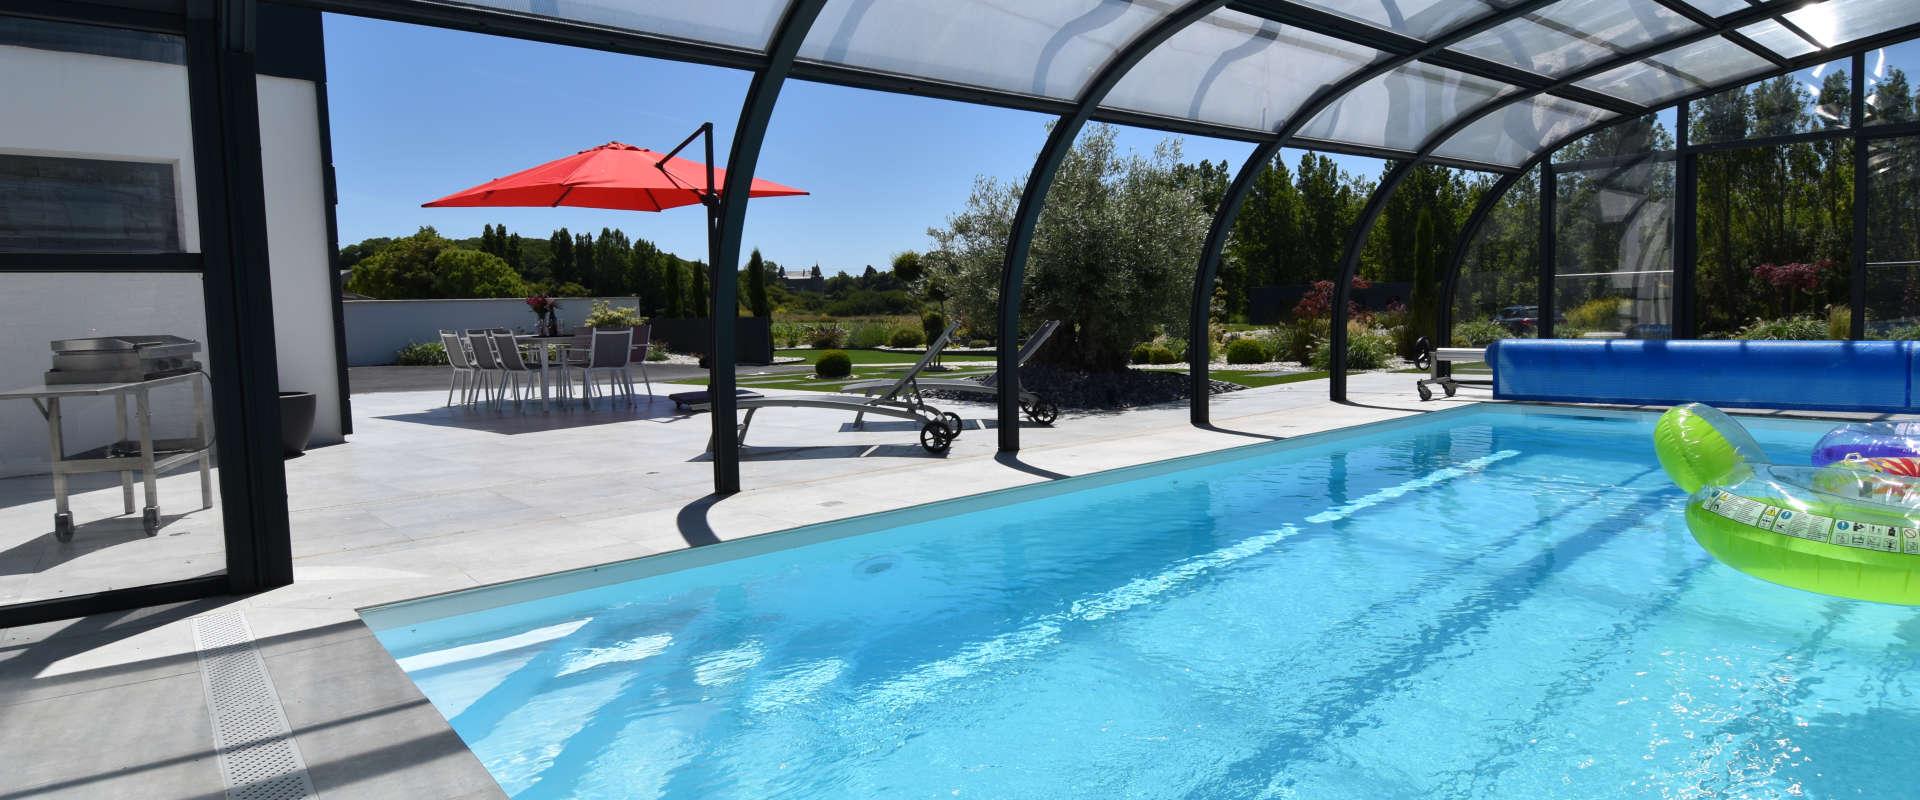 kersauzon-2-piscine.jpg